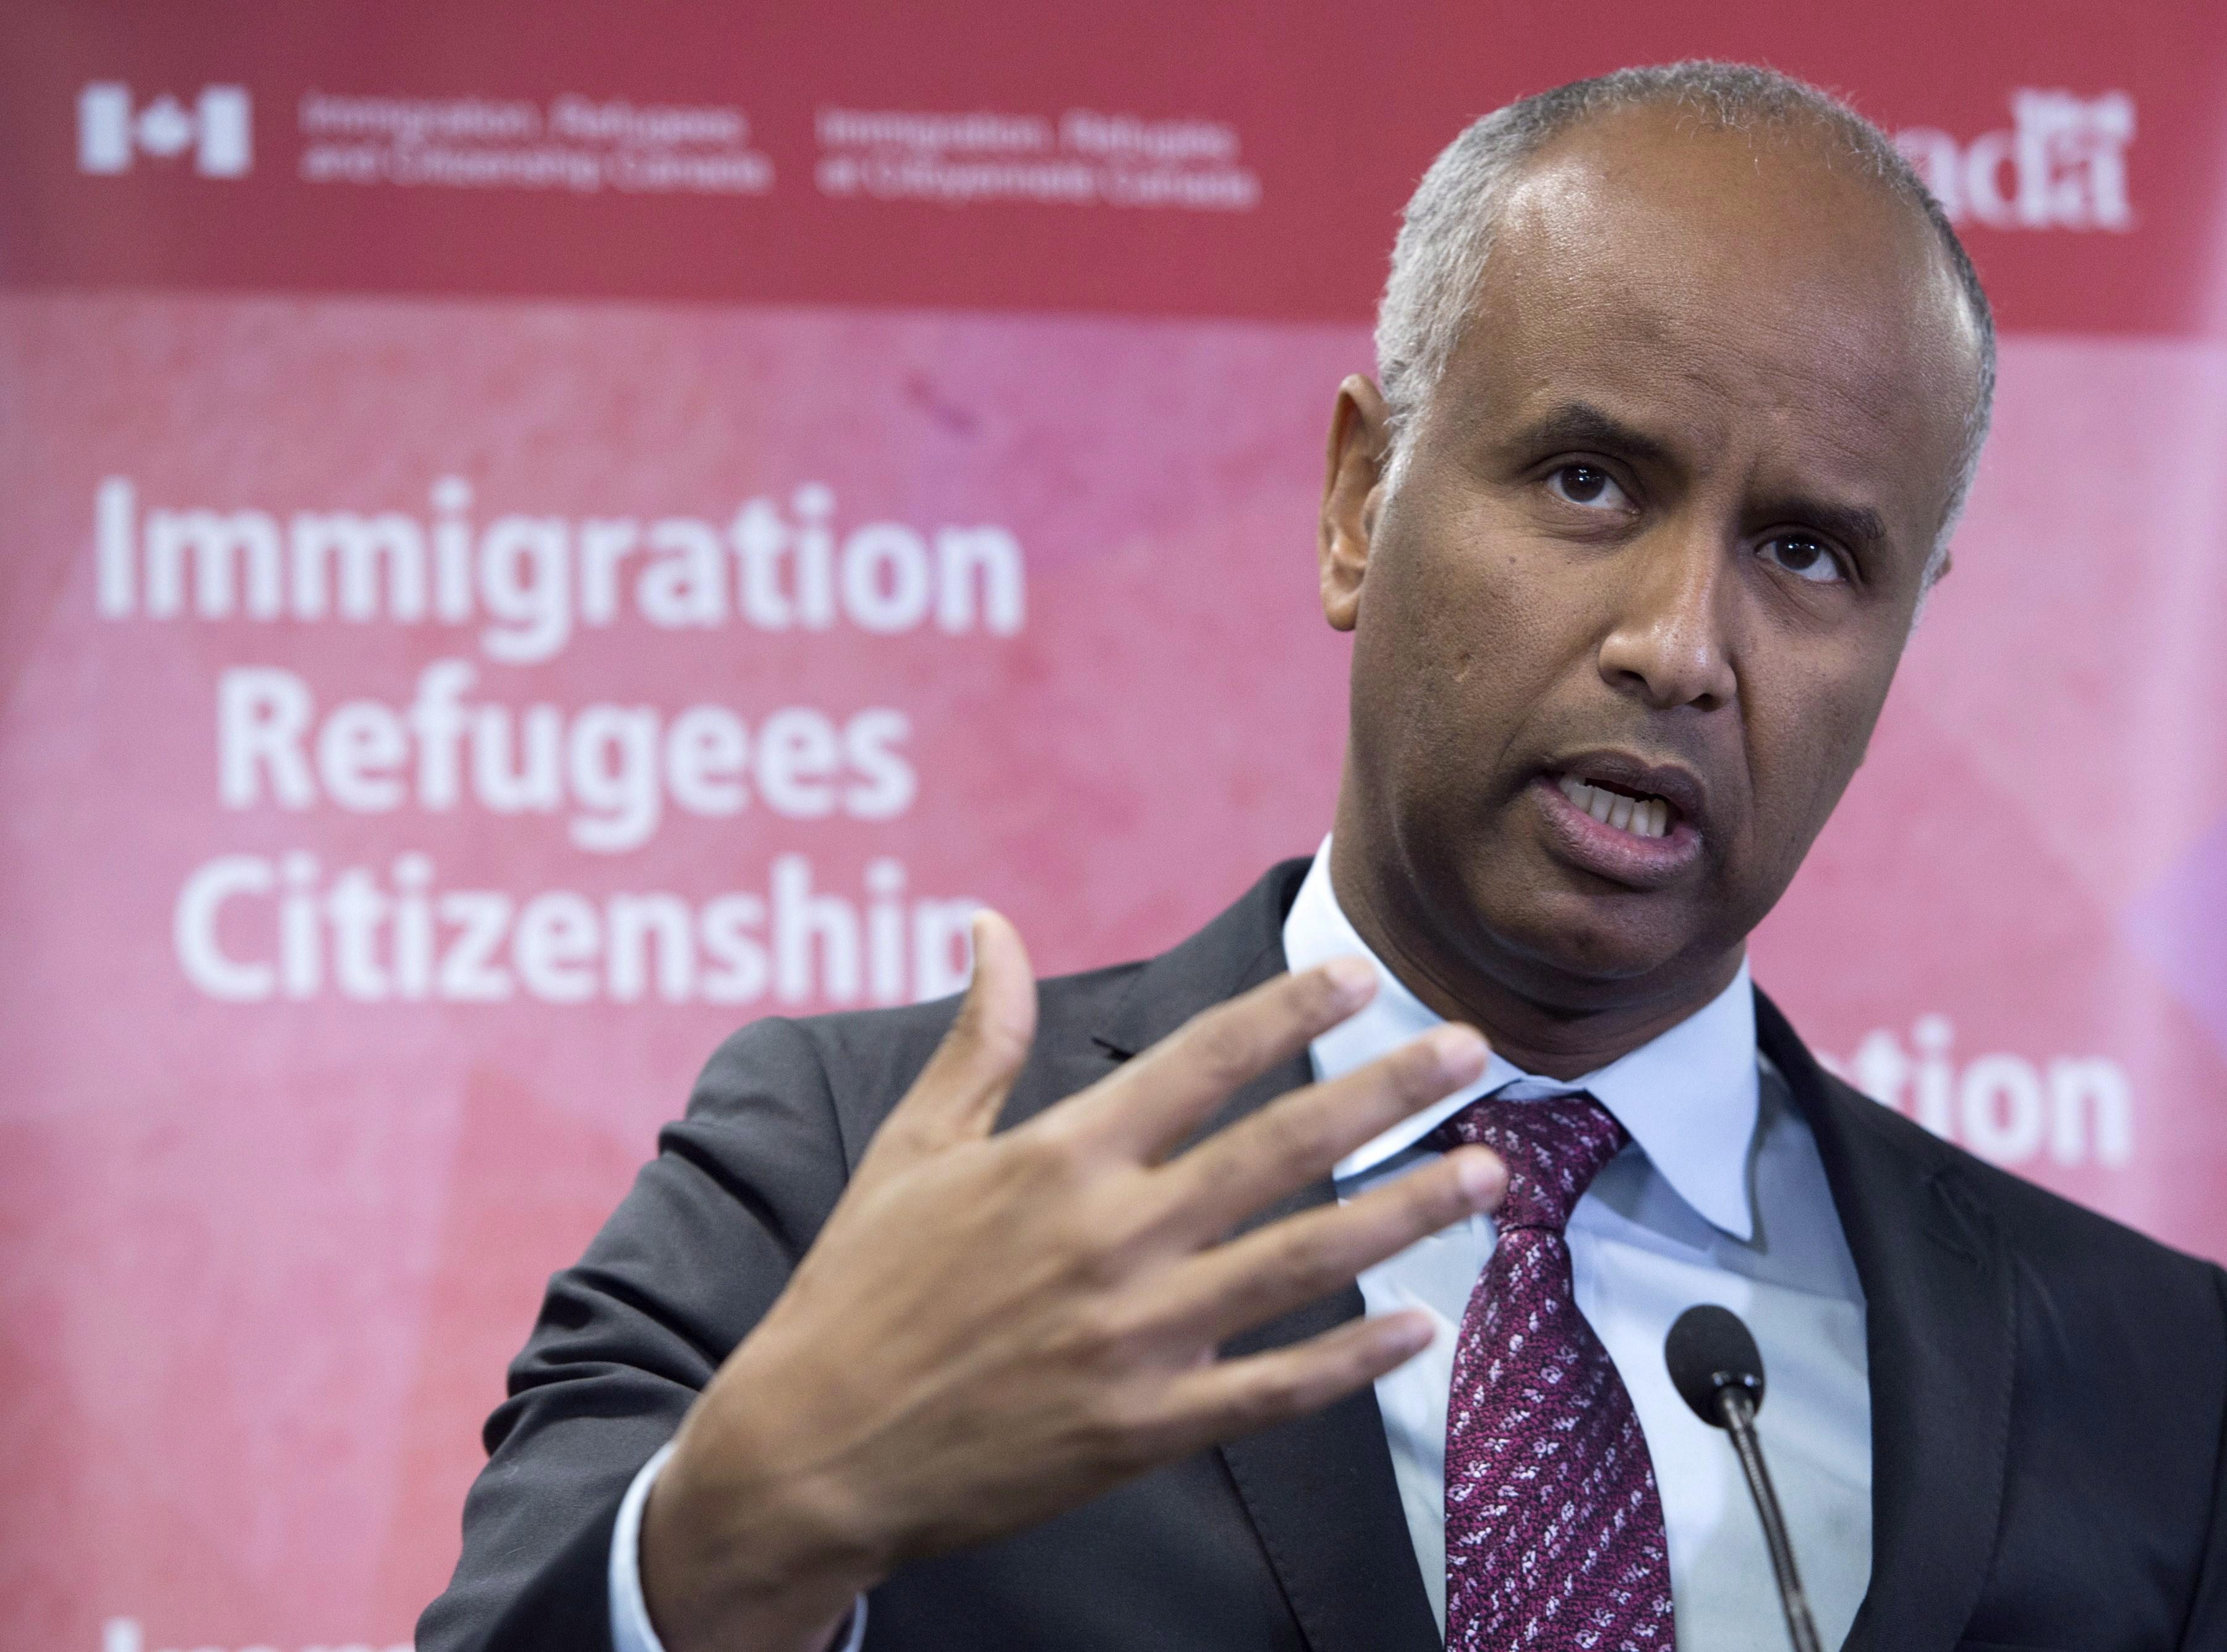 经合组织报告:赞扬加拿大技术移民政策基本成功